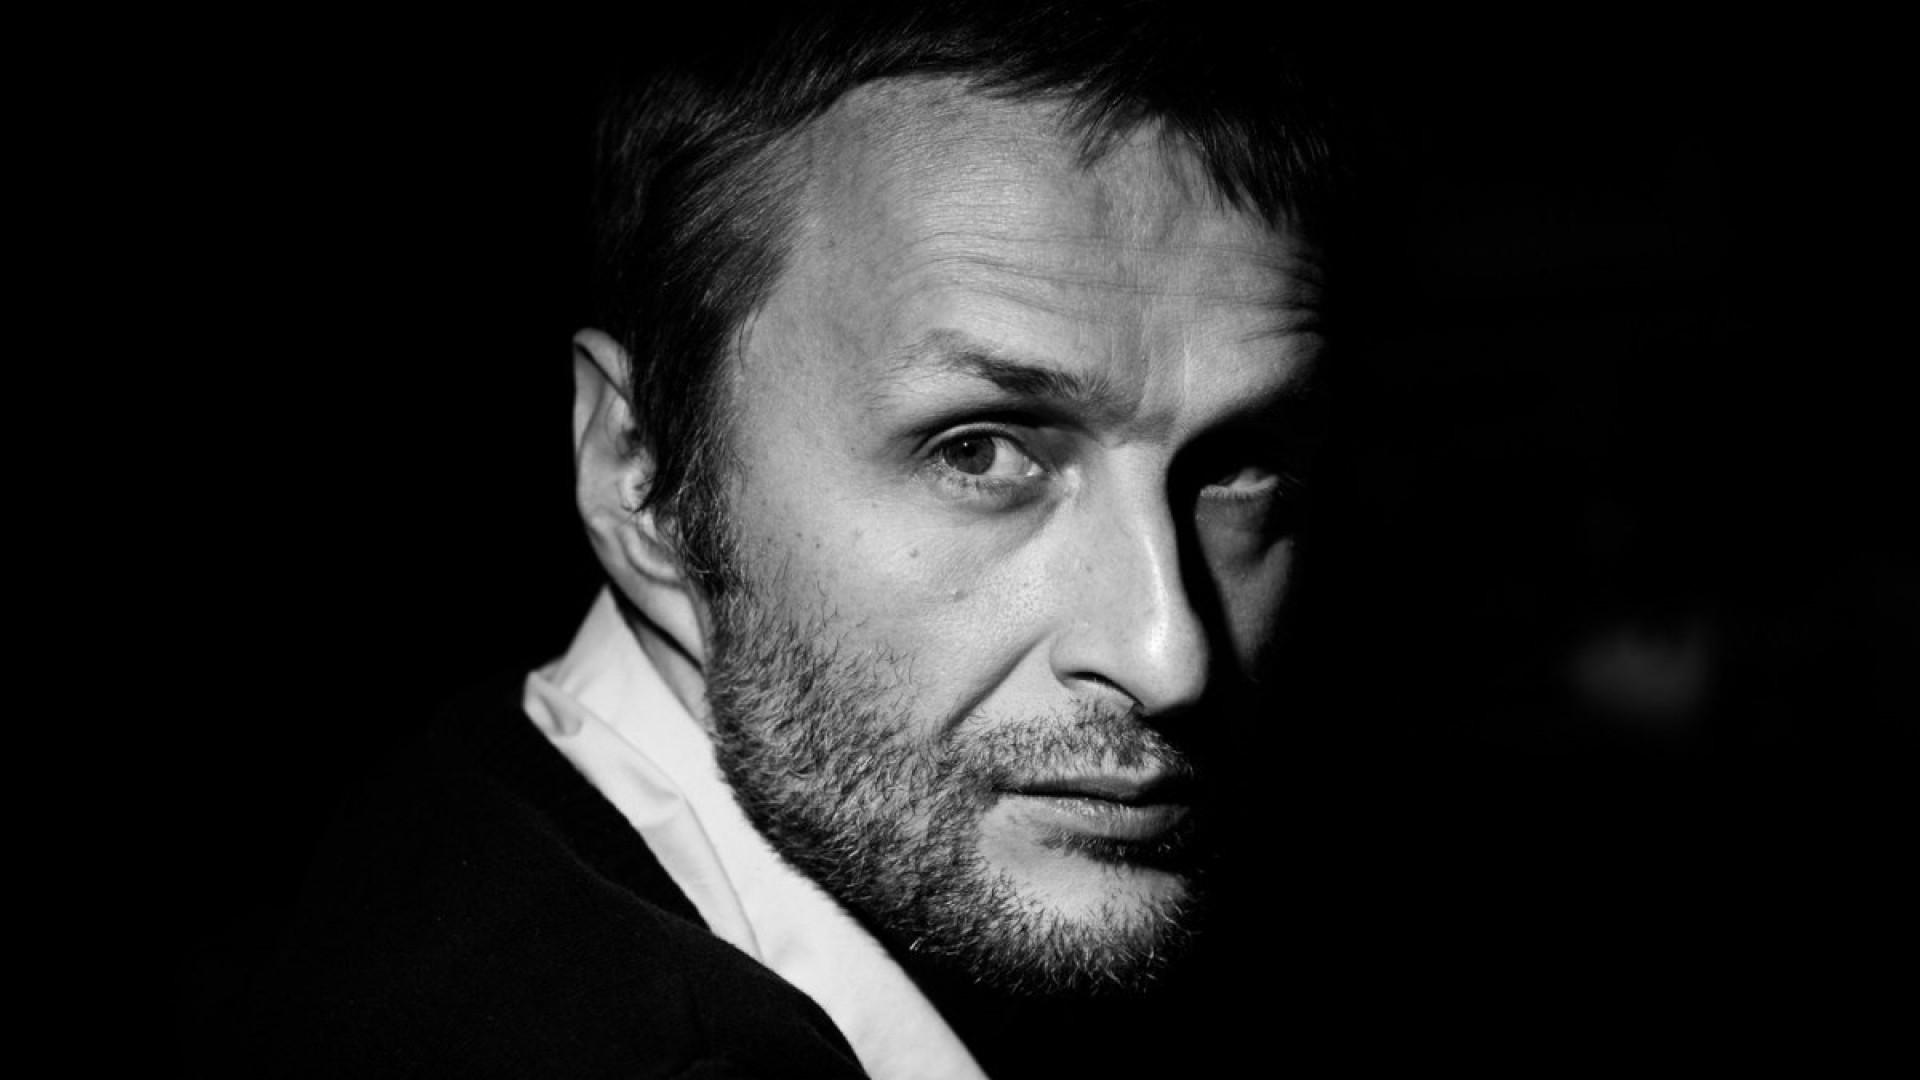 Александр Маноцков: «Положение композитора в 10 раз сложнее, чем участь астронавта, брошенного на Марсе!»